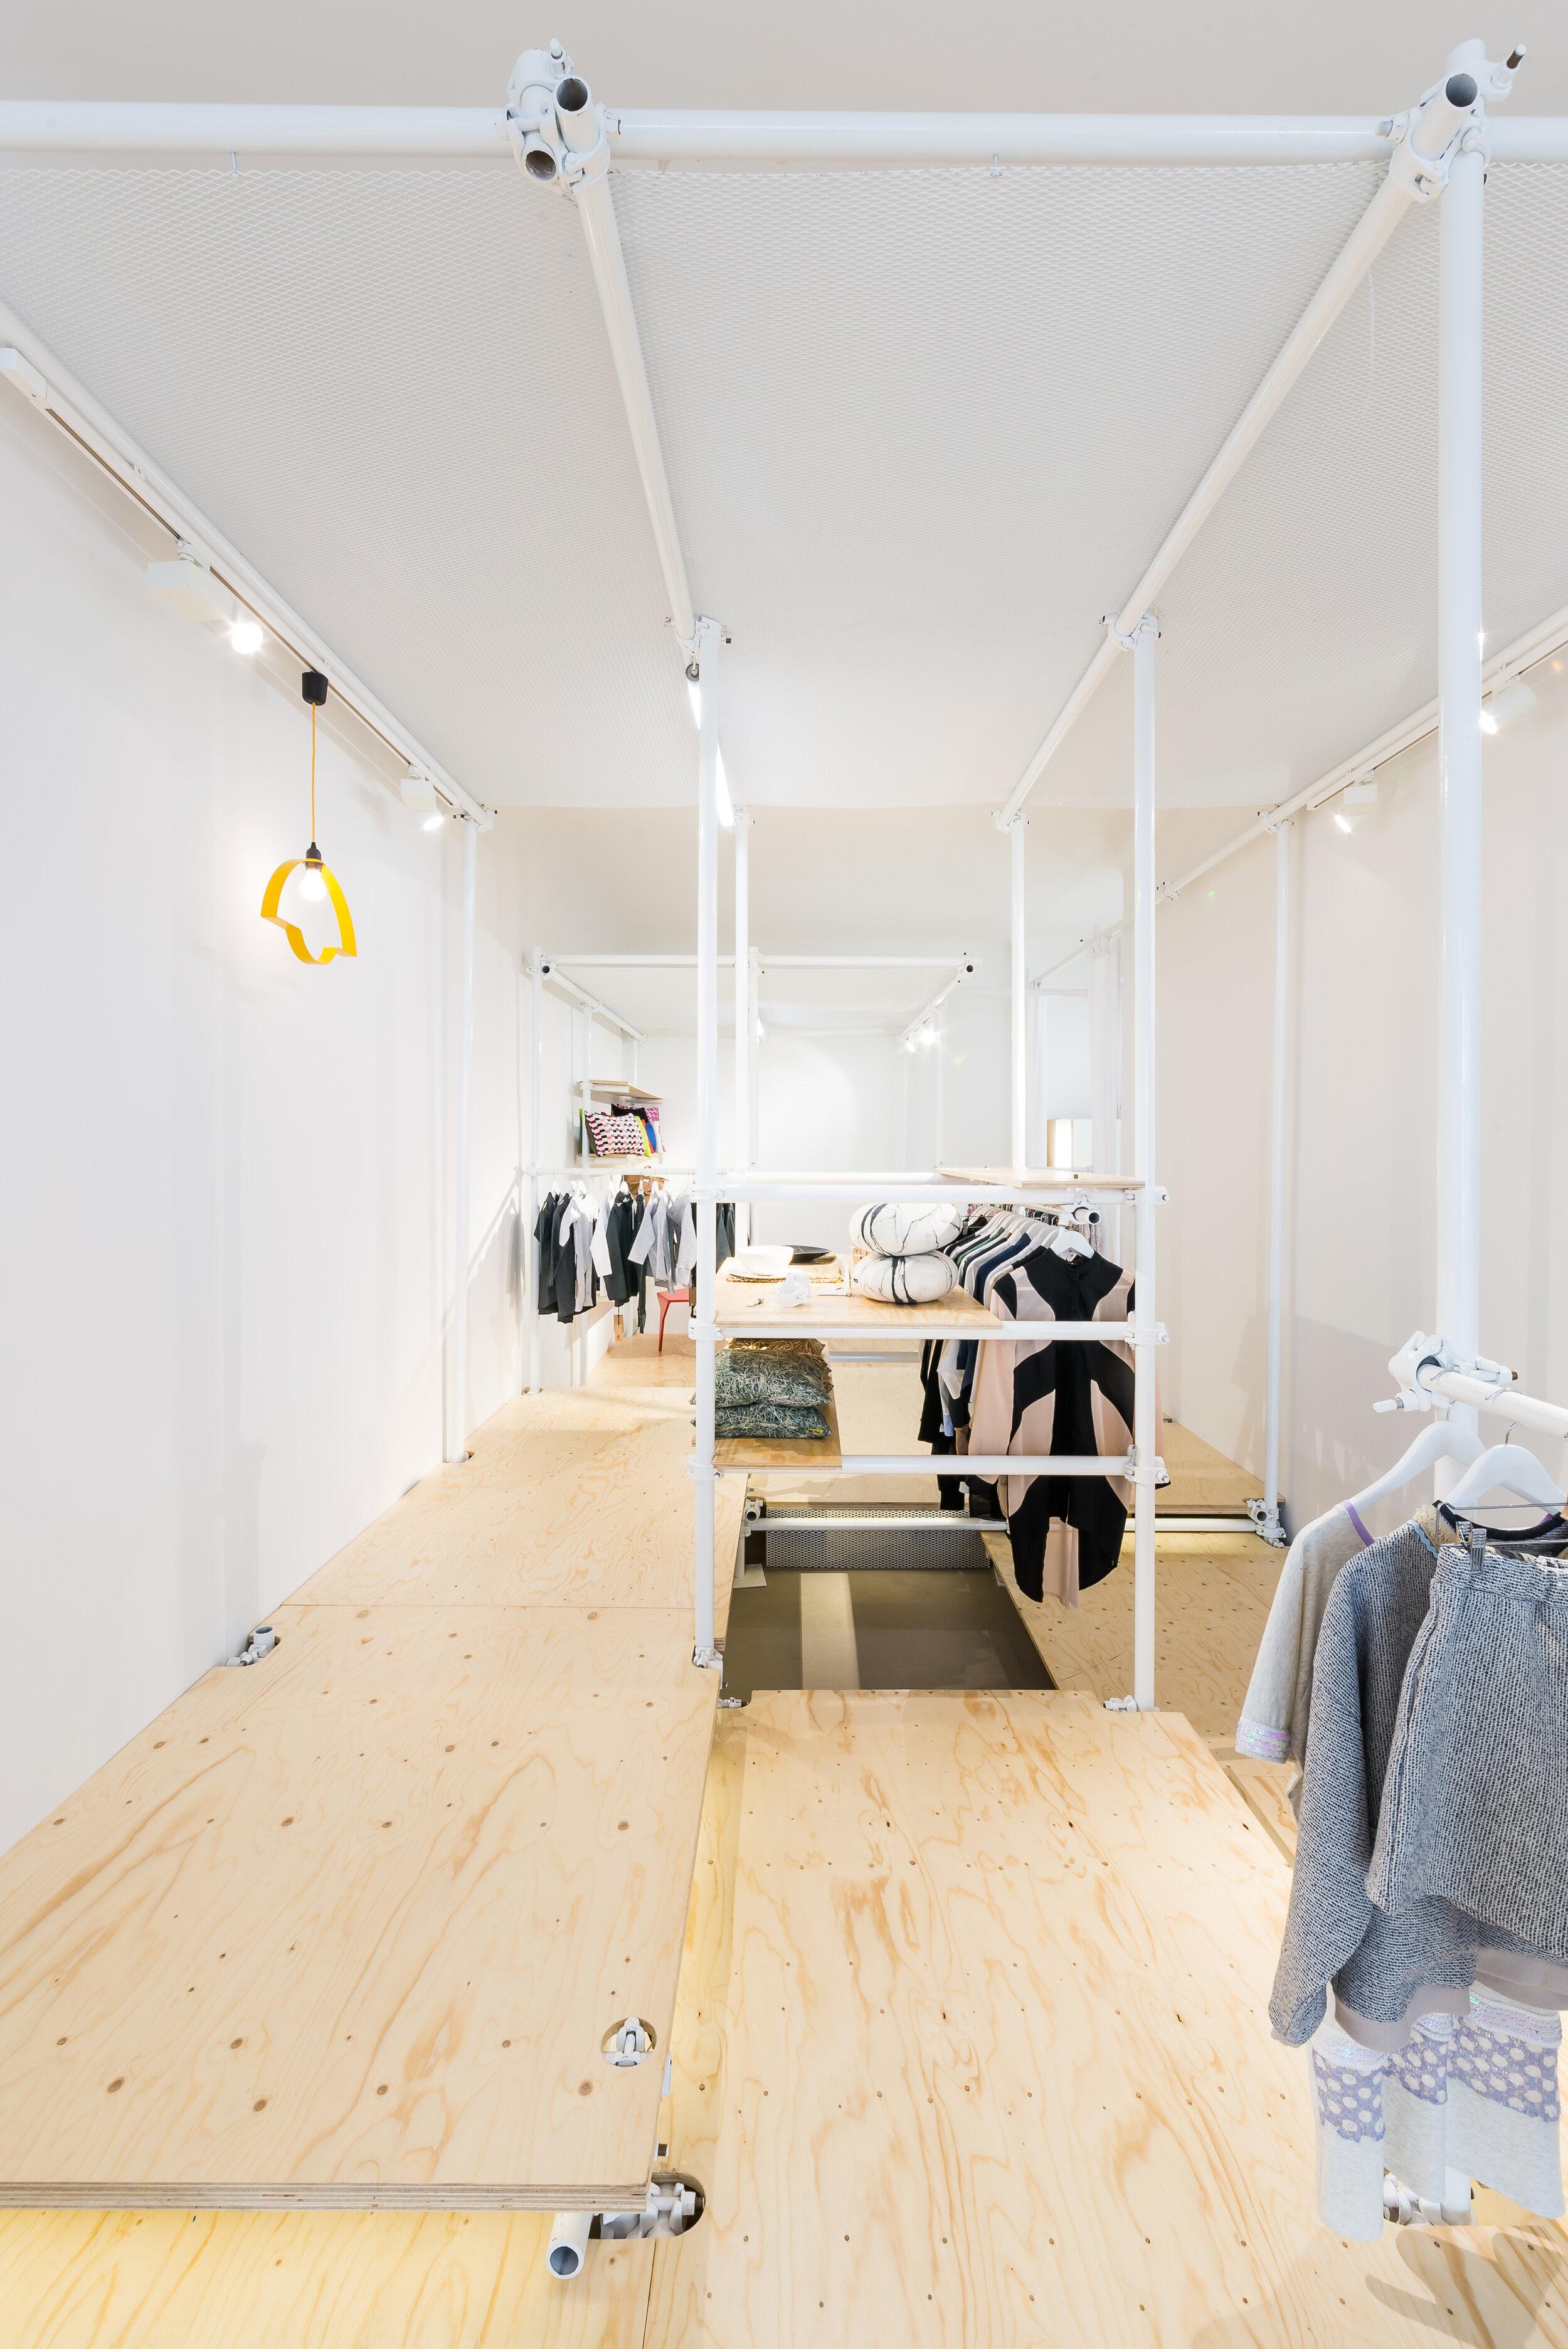 Ze względu na potrzebę czasowych adaptacji przestrzeni pod kątem organizacji wystaw czy warsztatów wnętrze podzielono na dwie strefy: ruchomą oraz stałą. Instalacja z rusztowań pomalowana jest na biało by mimo stworzenia z niej ram i kadrów przestrzennych pozostawała jednak tłem dla ekspozycji produktów o różnych kształtach i kolorach.